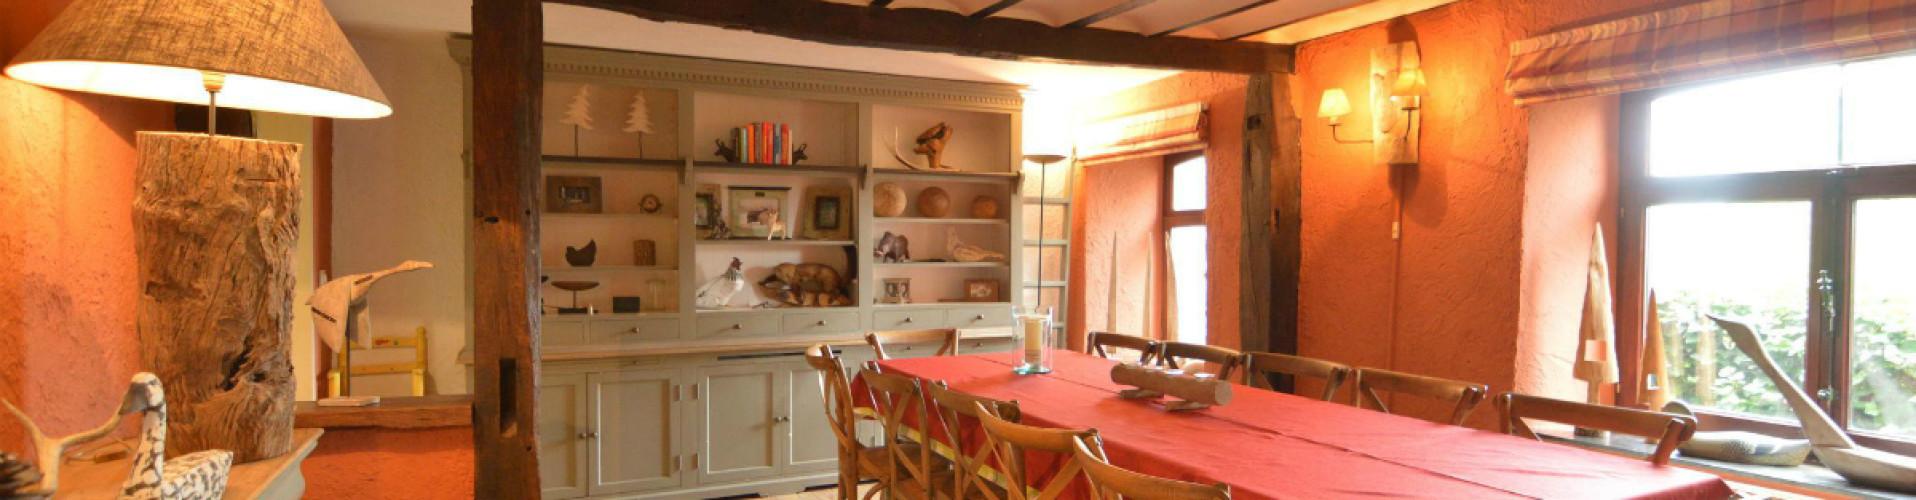 Groot vakantiehuis in de Ardennen met gezin